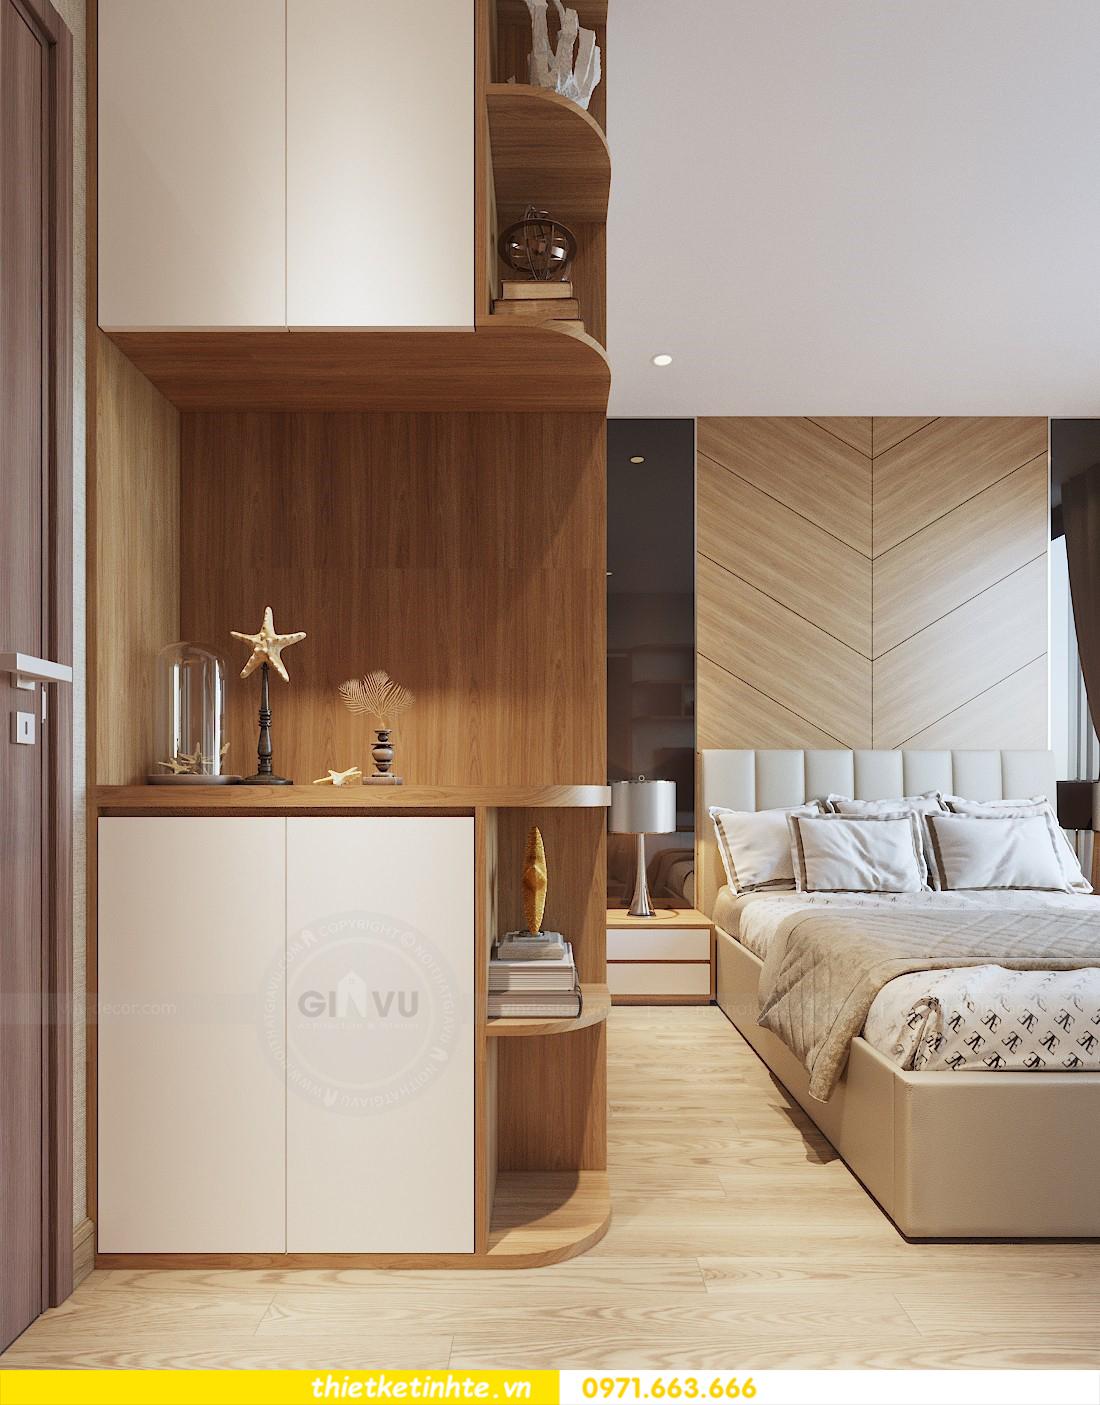 thiết kế nội thất chung cư 70m2 tại Vinhomes Metropolis 07